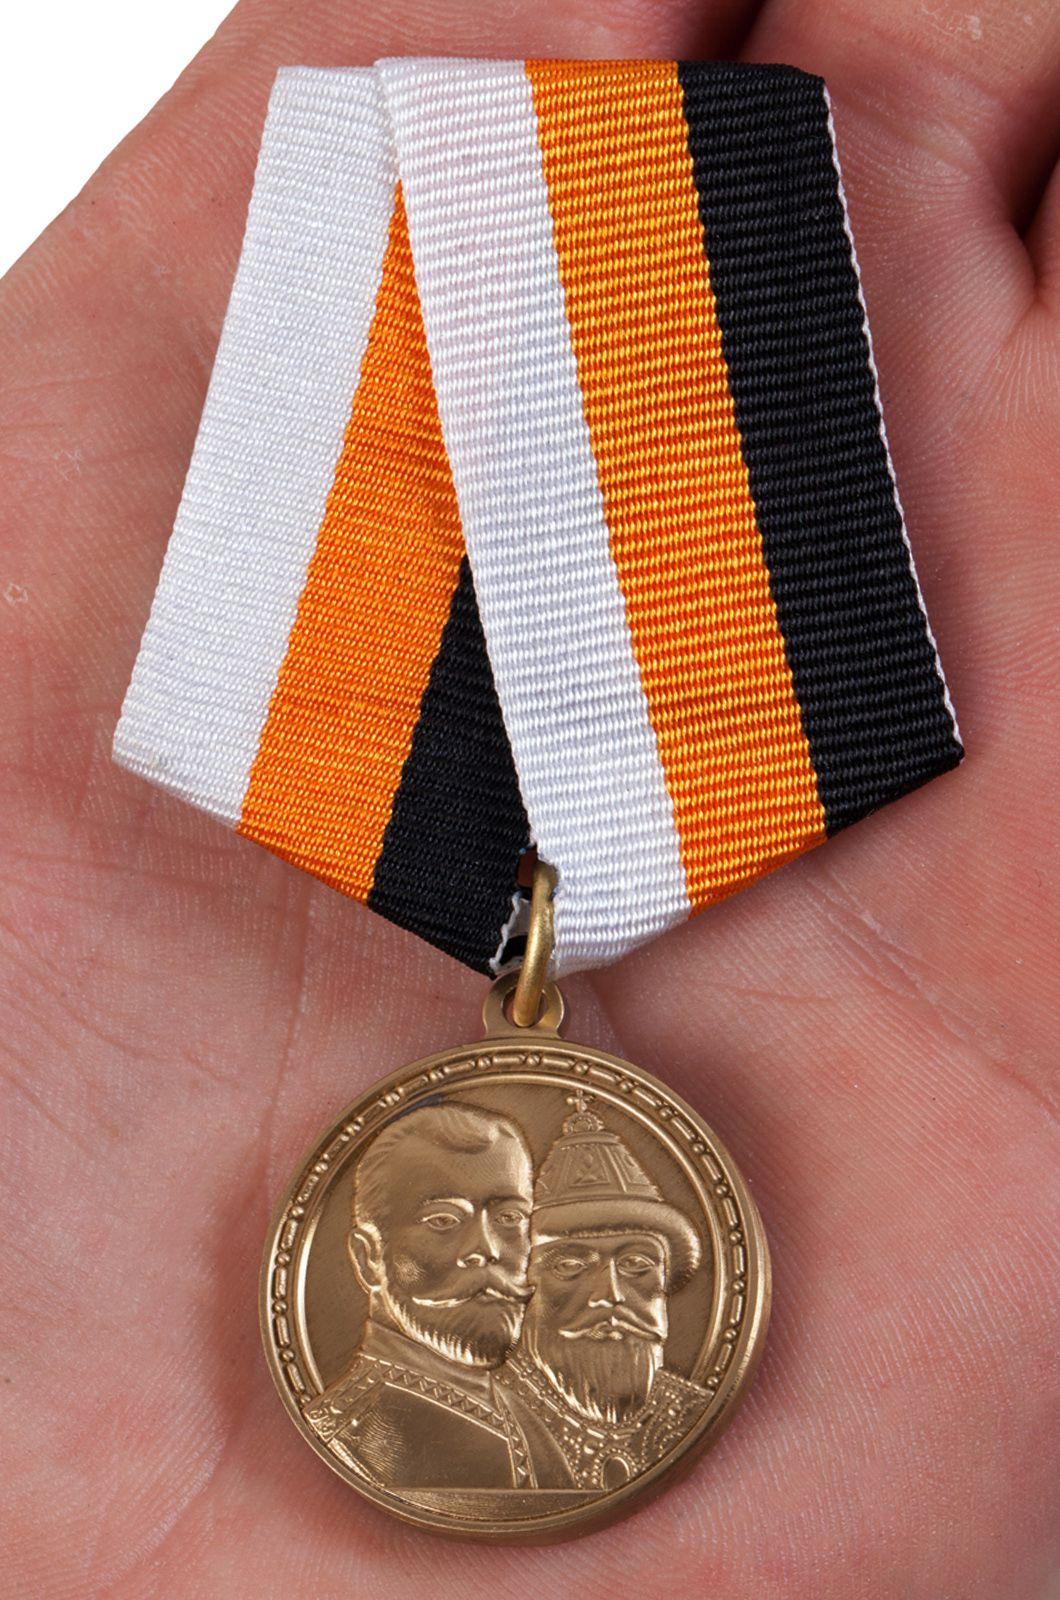 Памятная медаль В память 300-летия царствования дома Романовых - вид на ладони